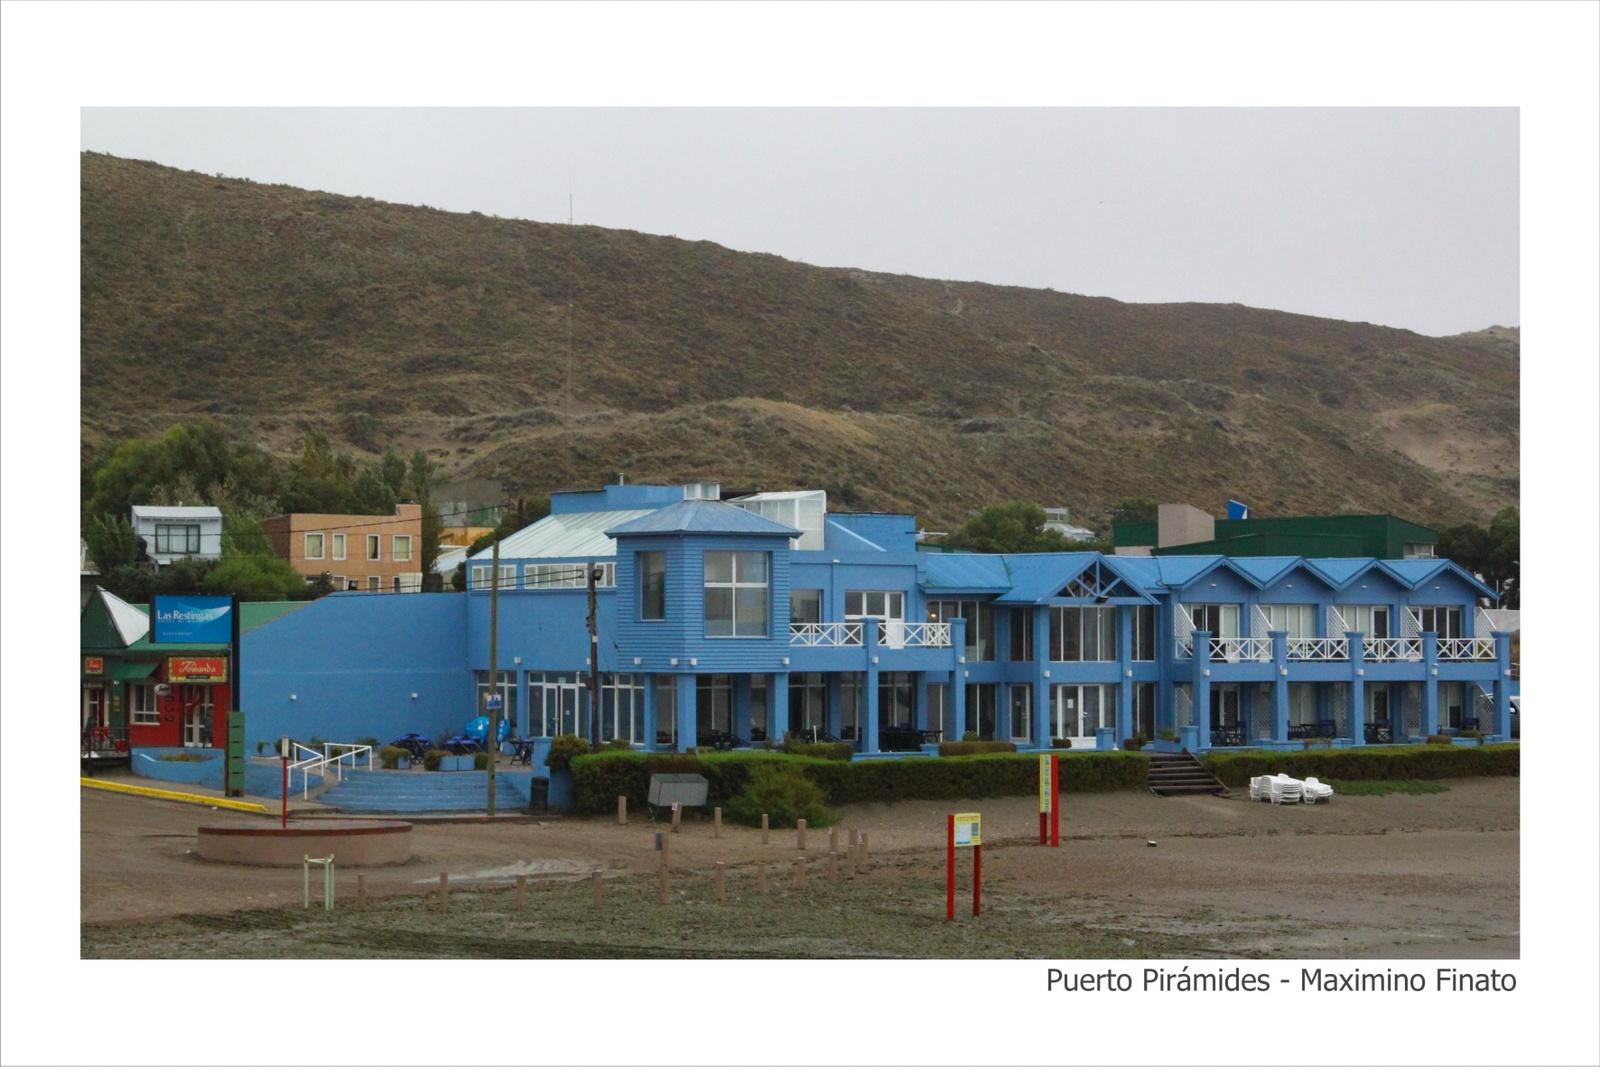 Puerto_Pirámides_-_Maximino_Finato_-_20-30